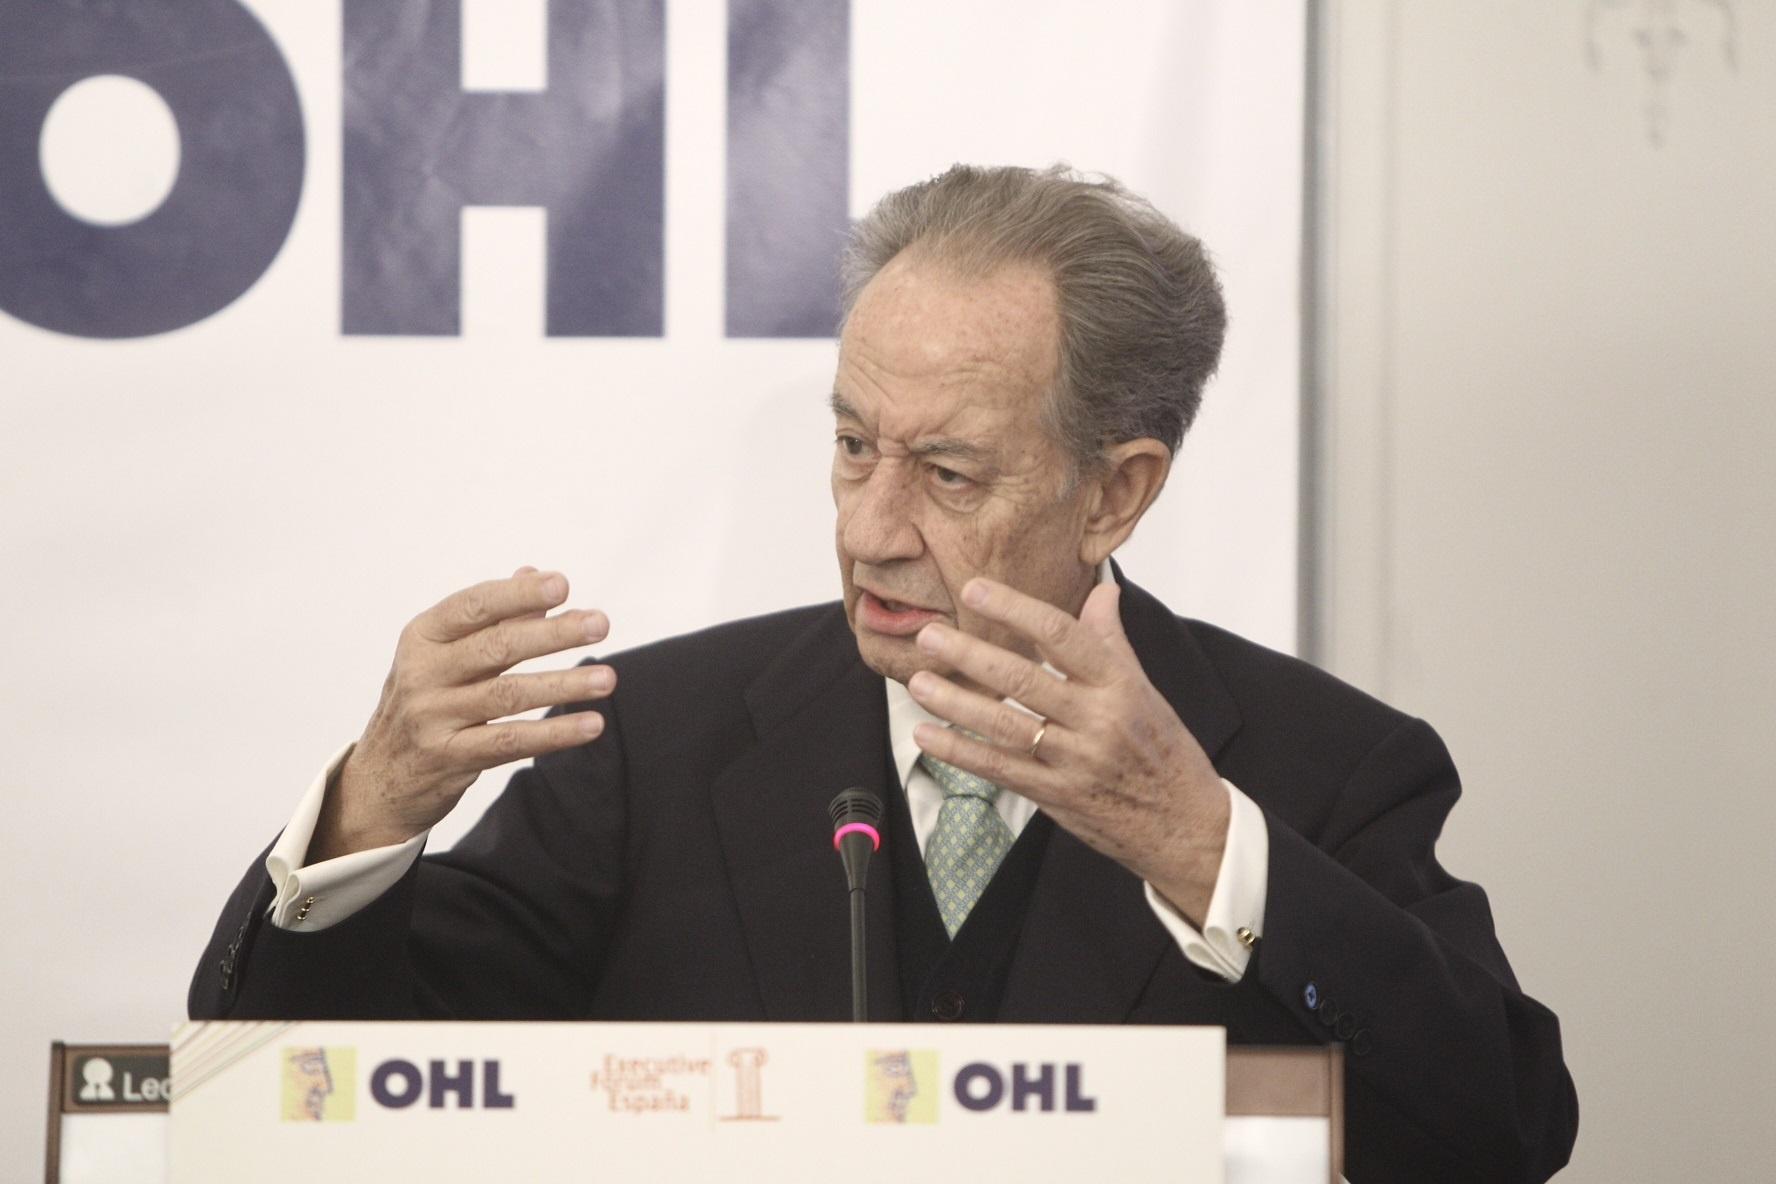 OHL paga mañana un dividendo de 0,6519 euros, un 16,4% superior al del pasado año